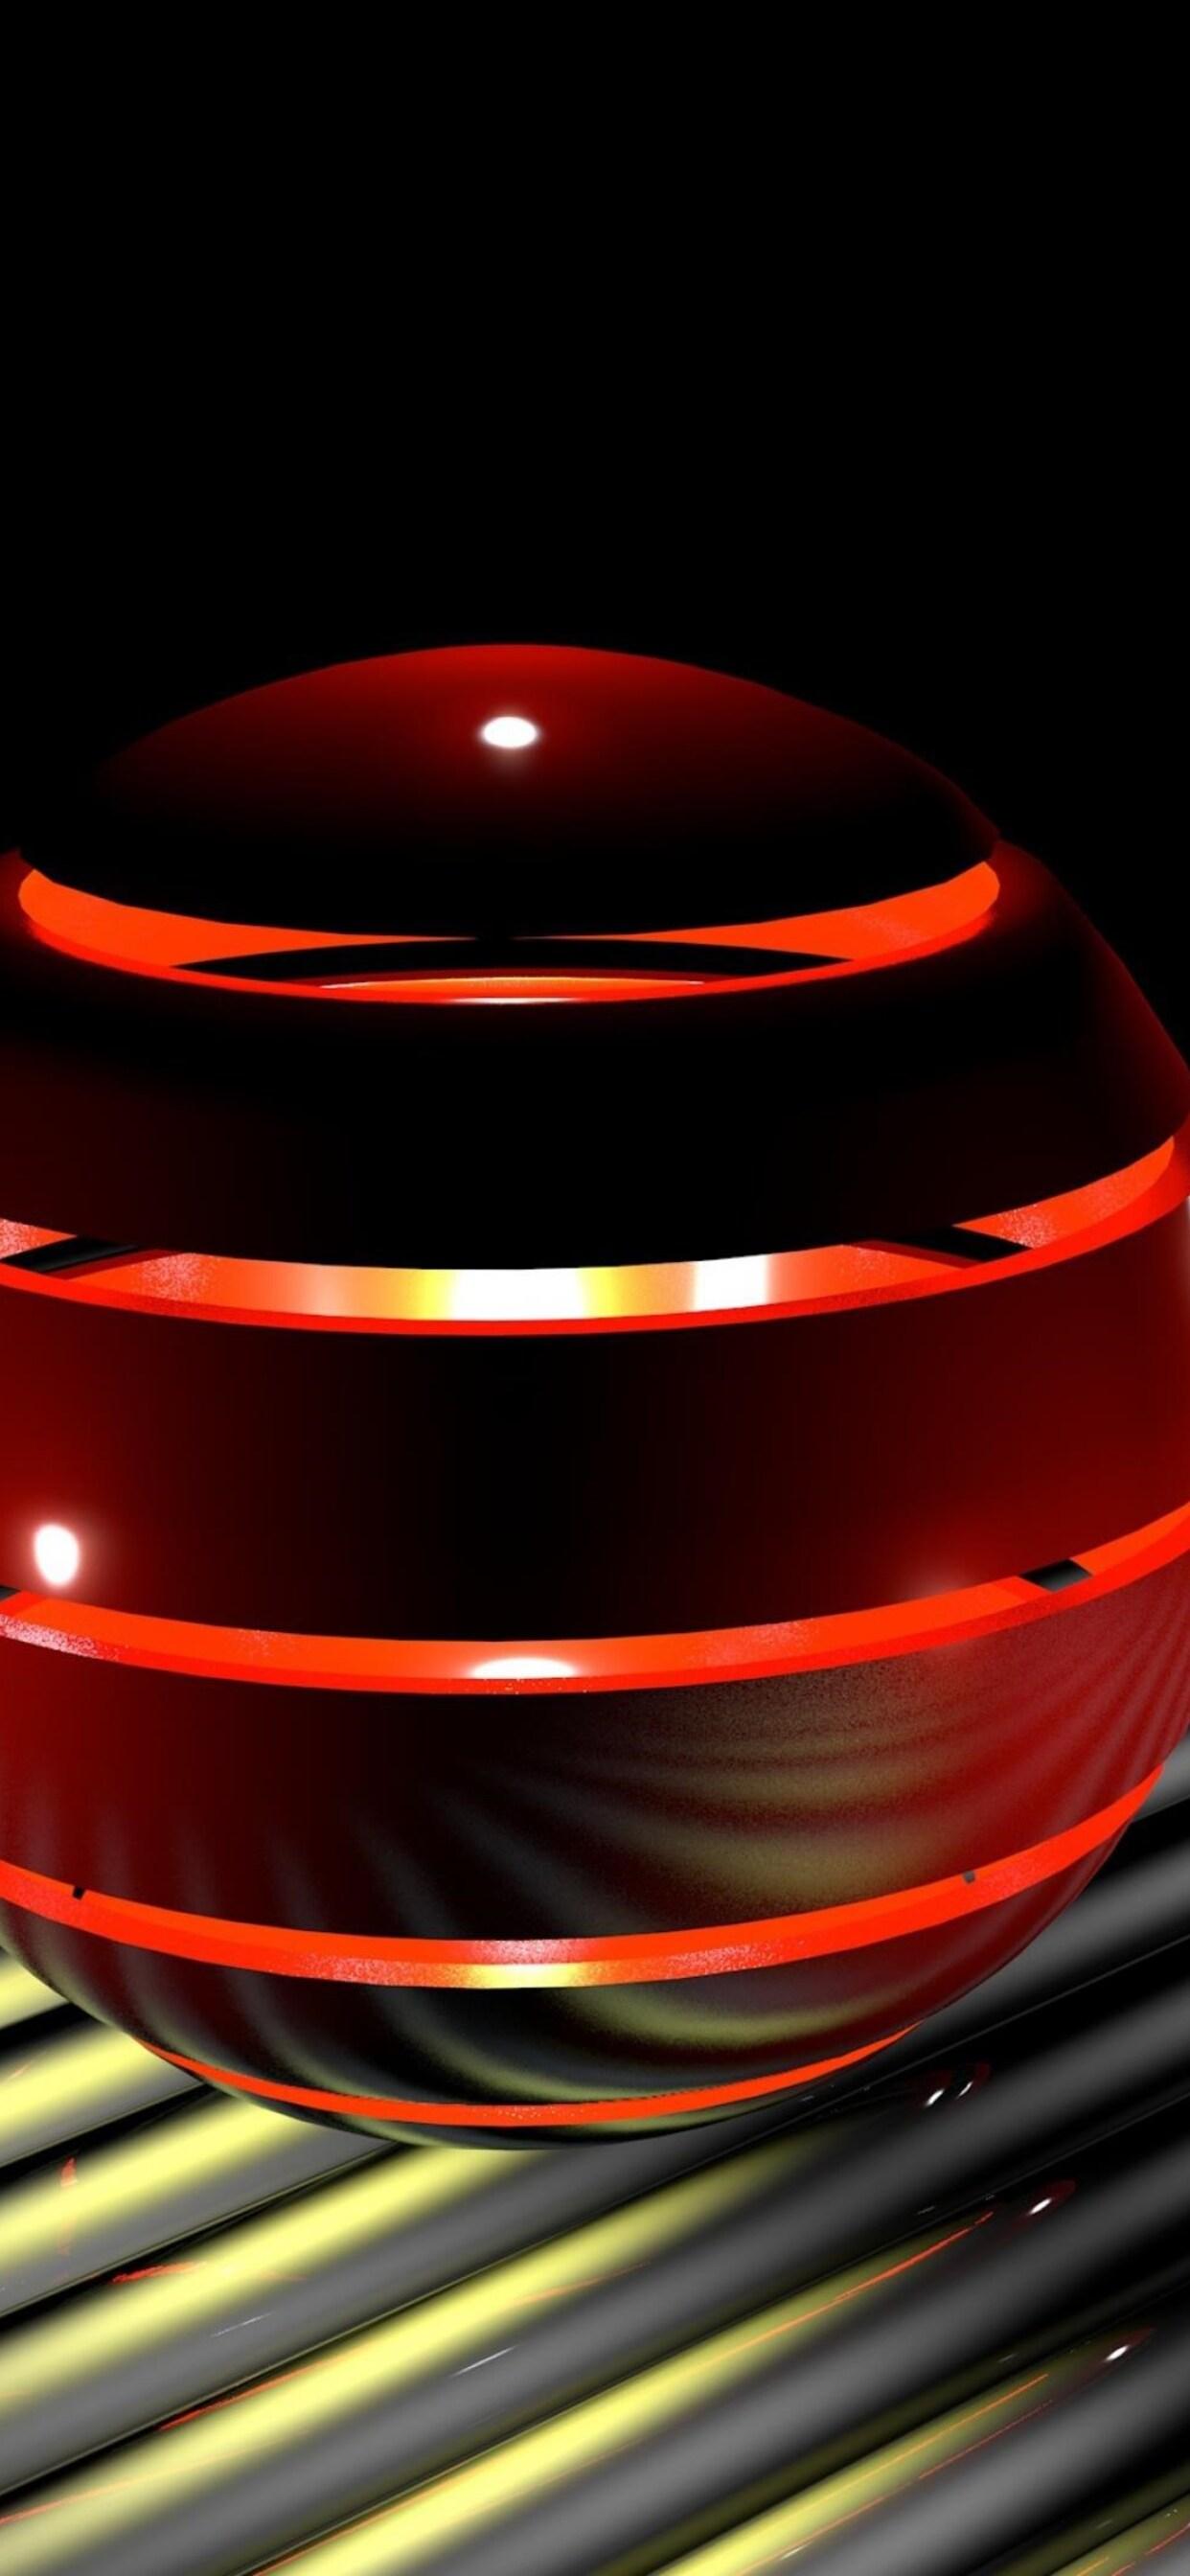 sphere-qhd.jpg